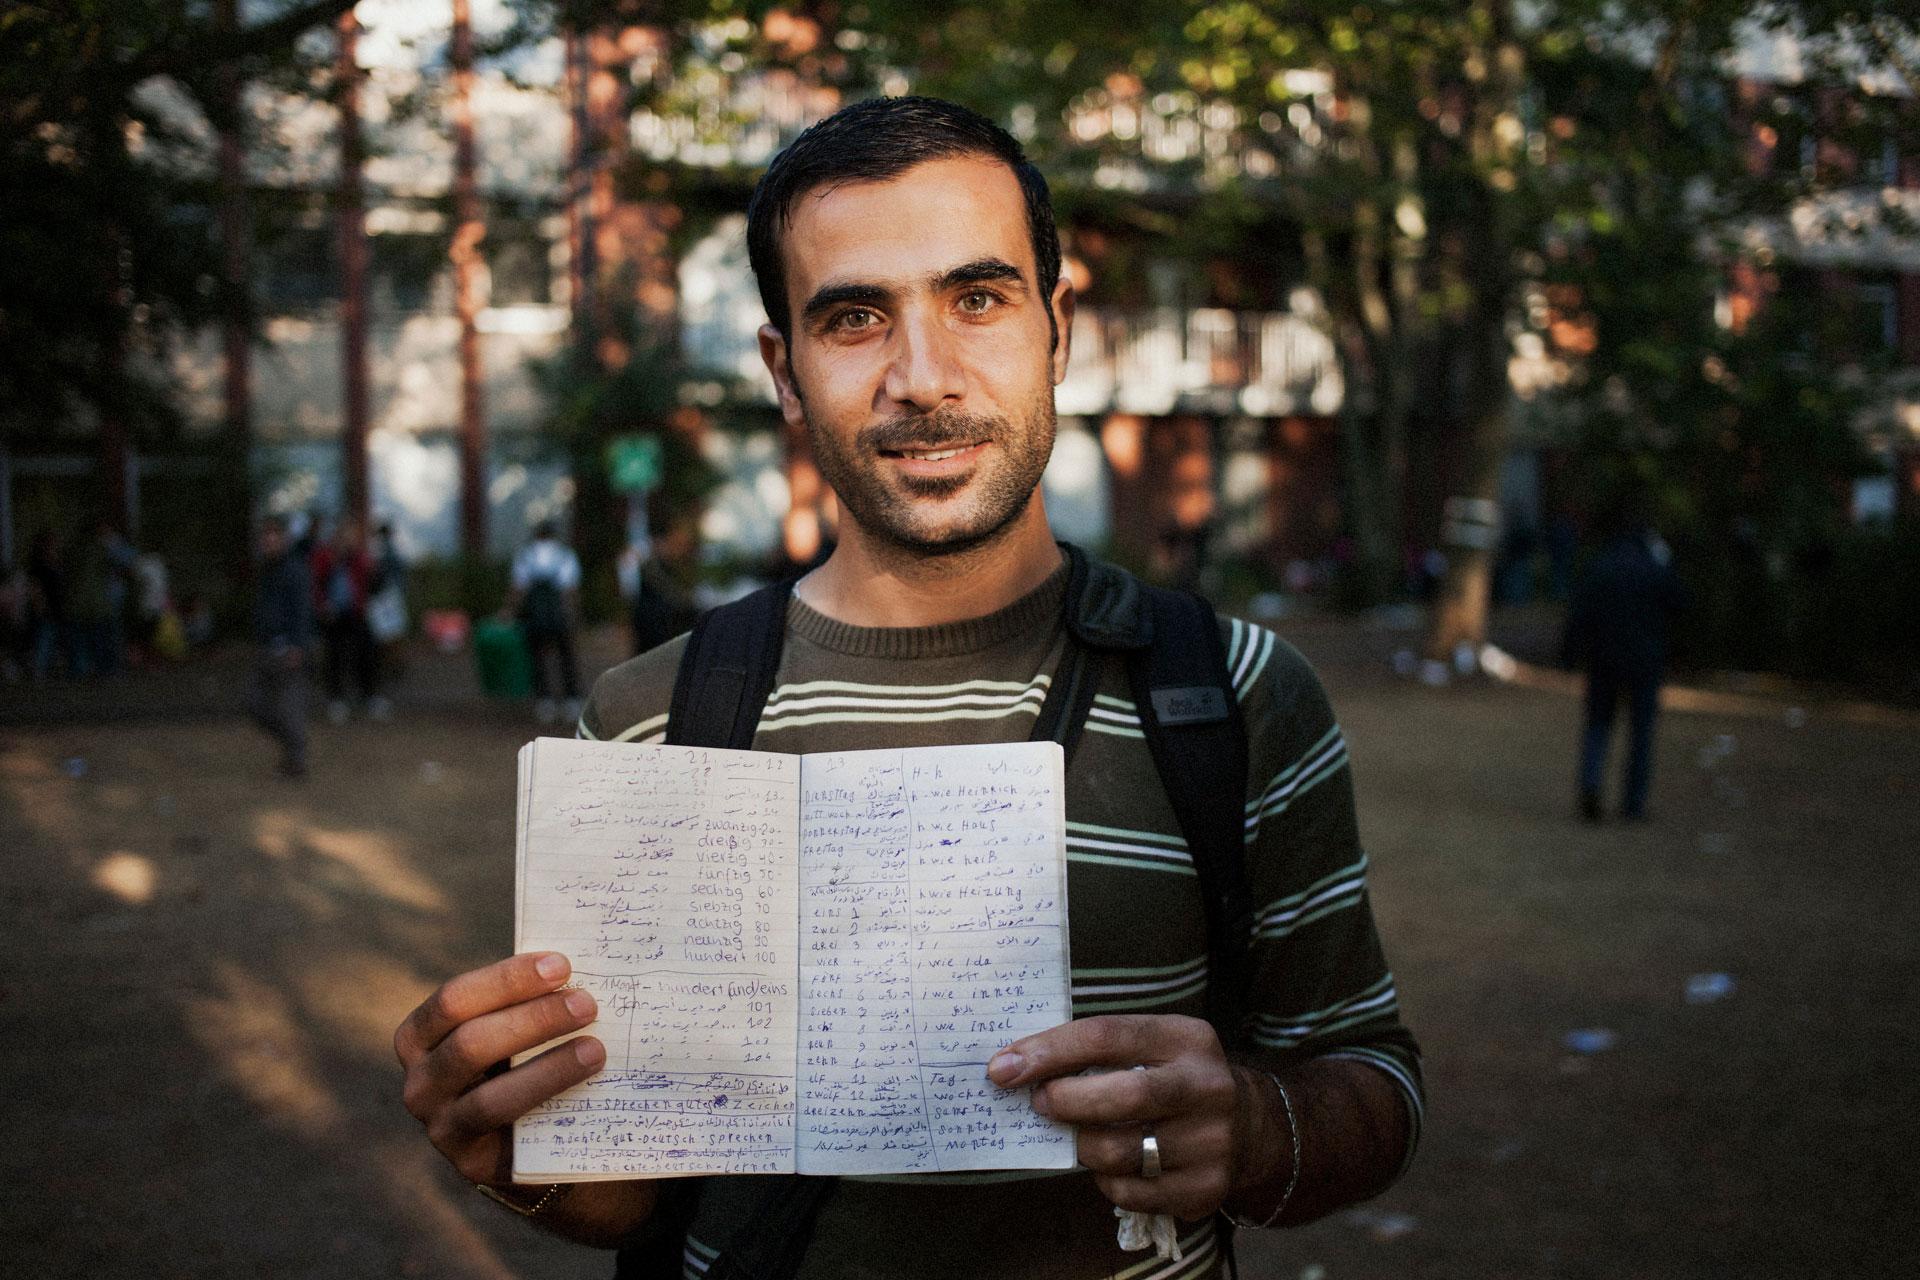 timo-stammberger-photography-fotografie-berlin-lageso-refugees-fluechtlinge-migration